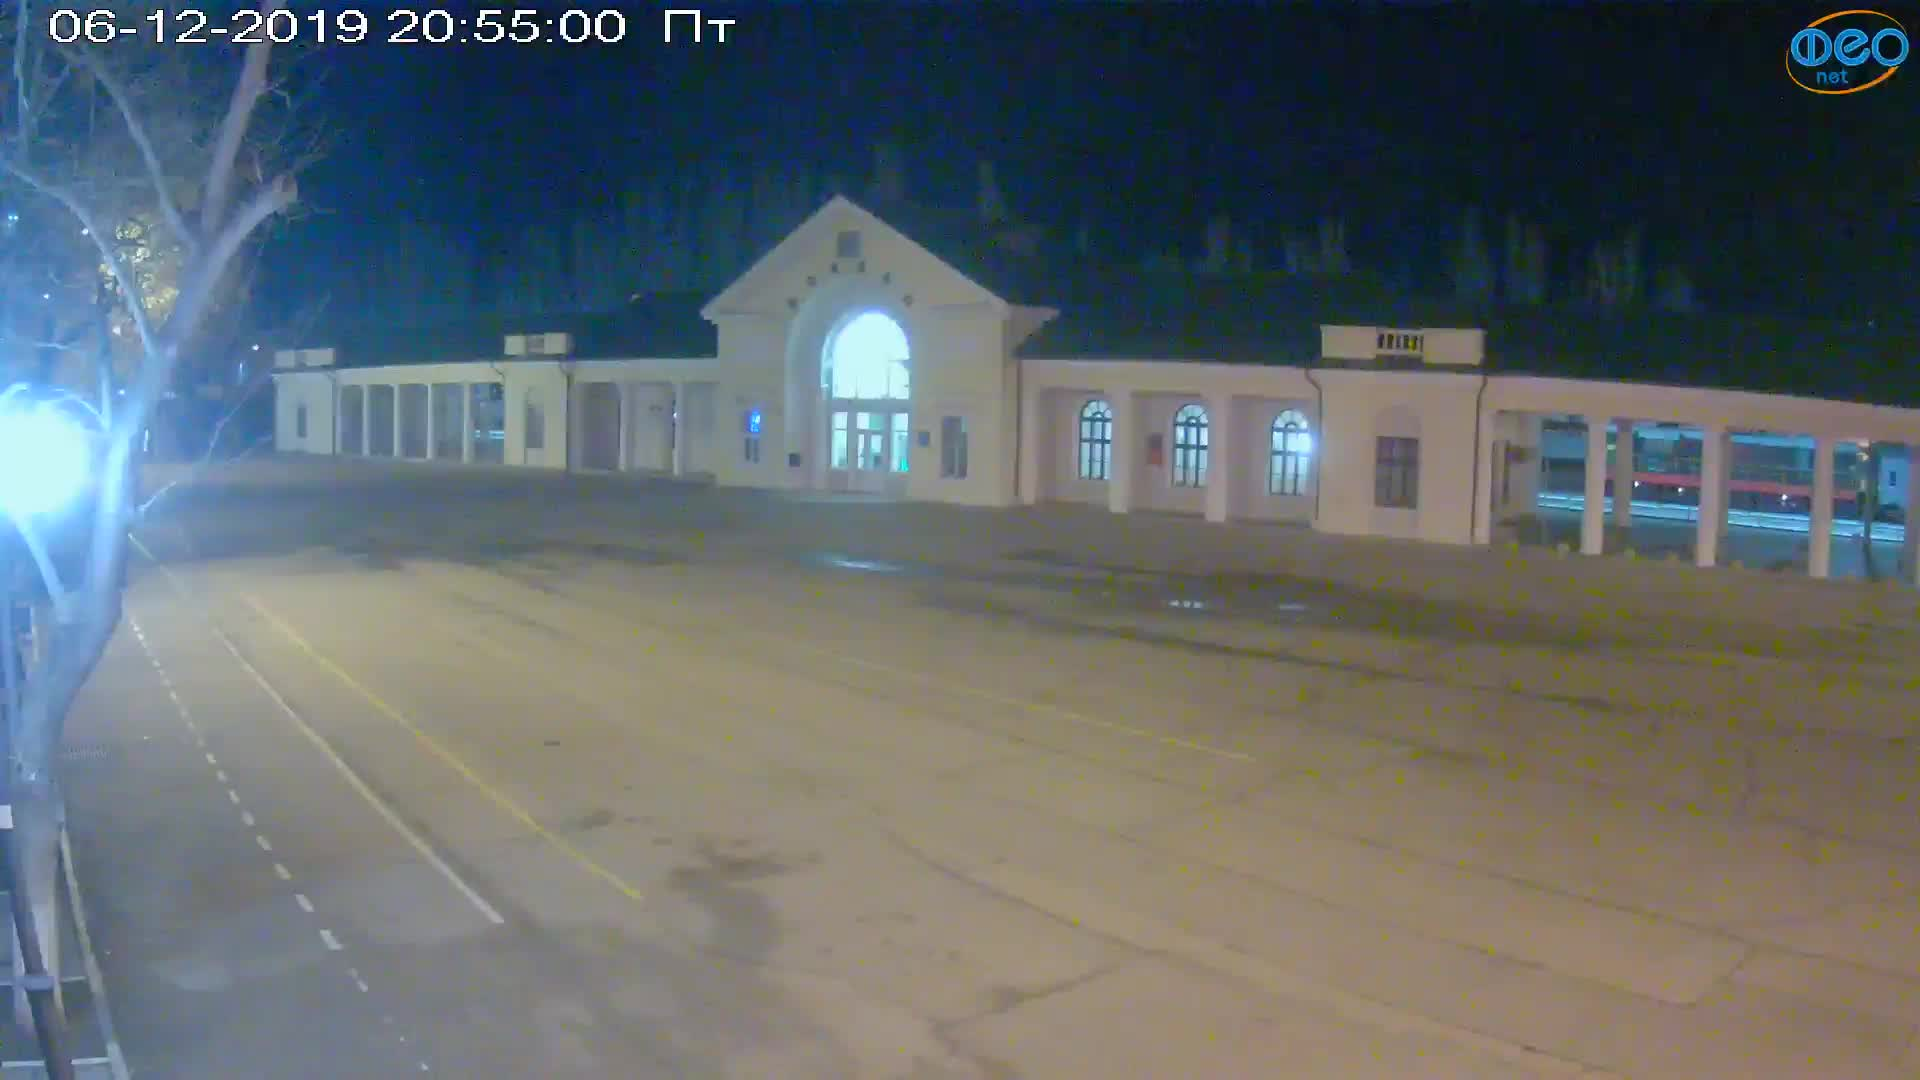 Веб-камеры Феодосии, Привокзальная площадь, 2019-12-06 20:55:19